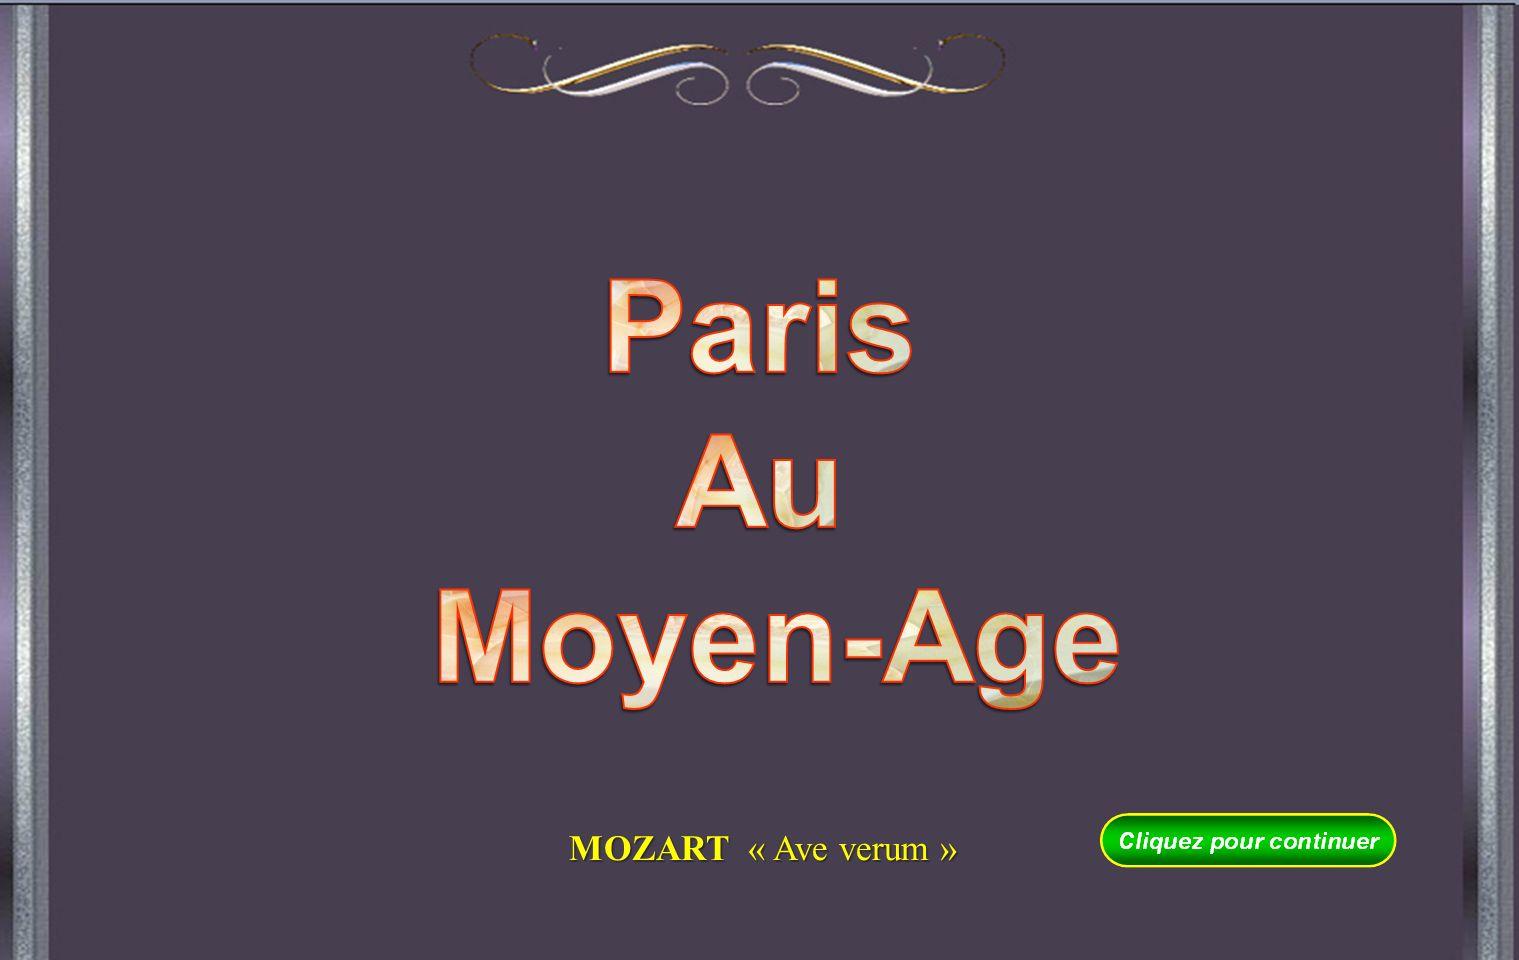 Paris Au Moyen-Age MOZART « Ave verum »